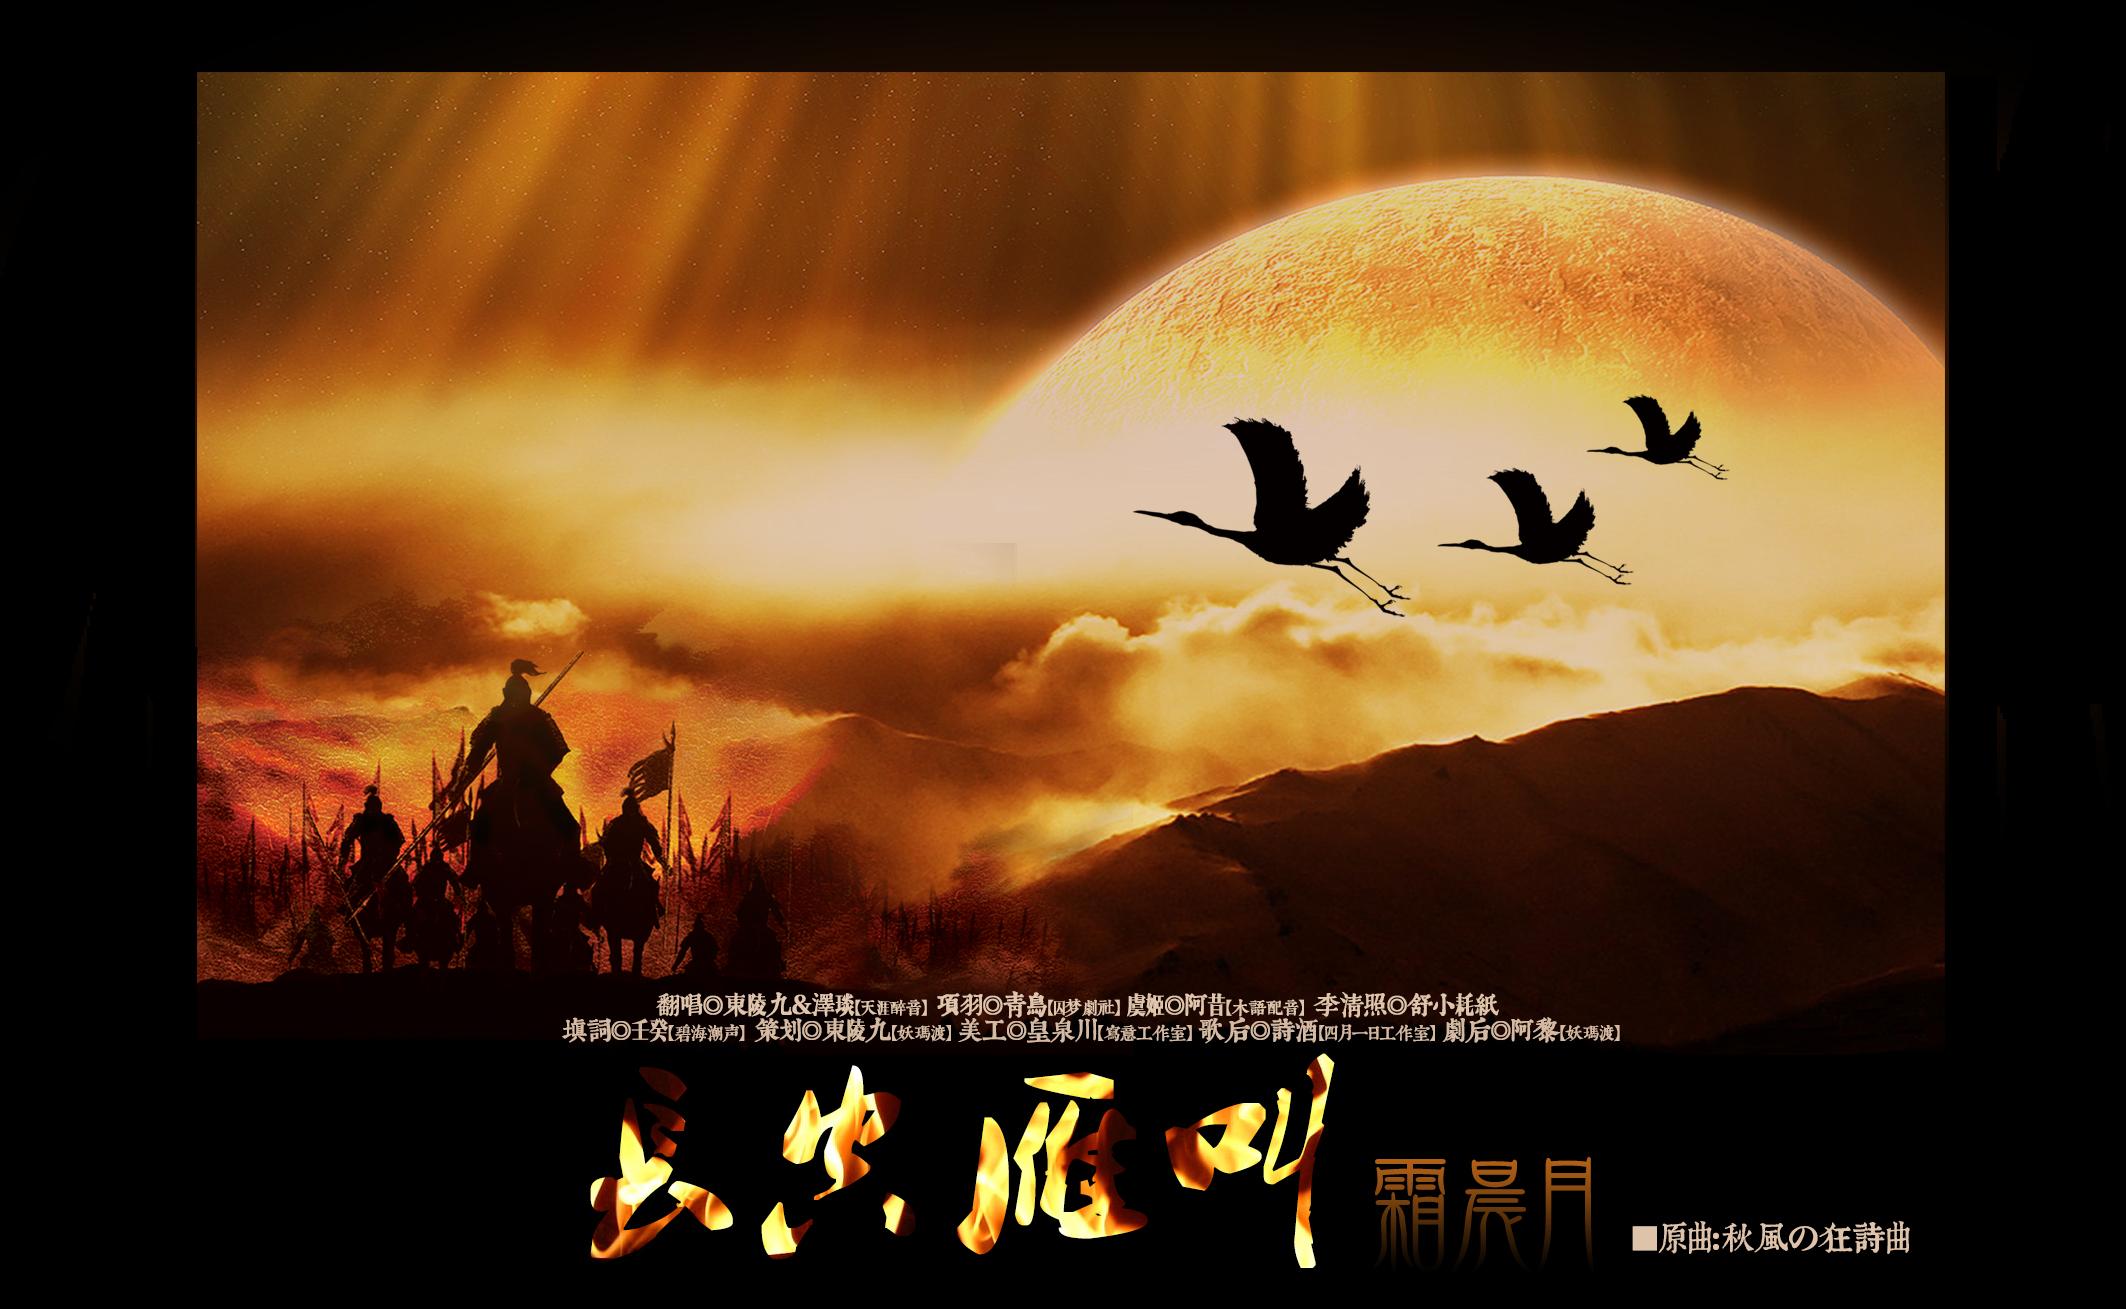 【妖玛渡出品】长空雁叫霜晨月-剧情版 - 妖玛